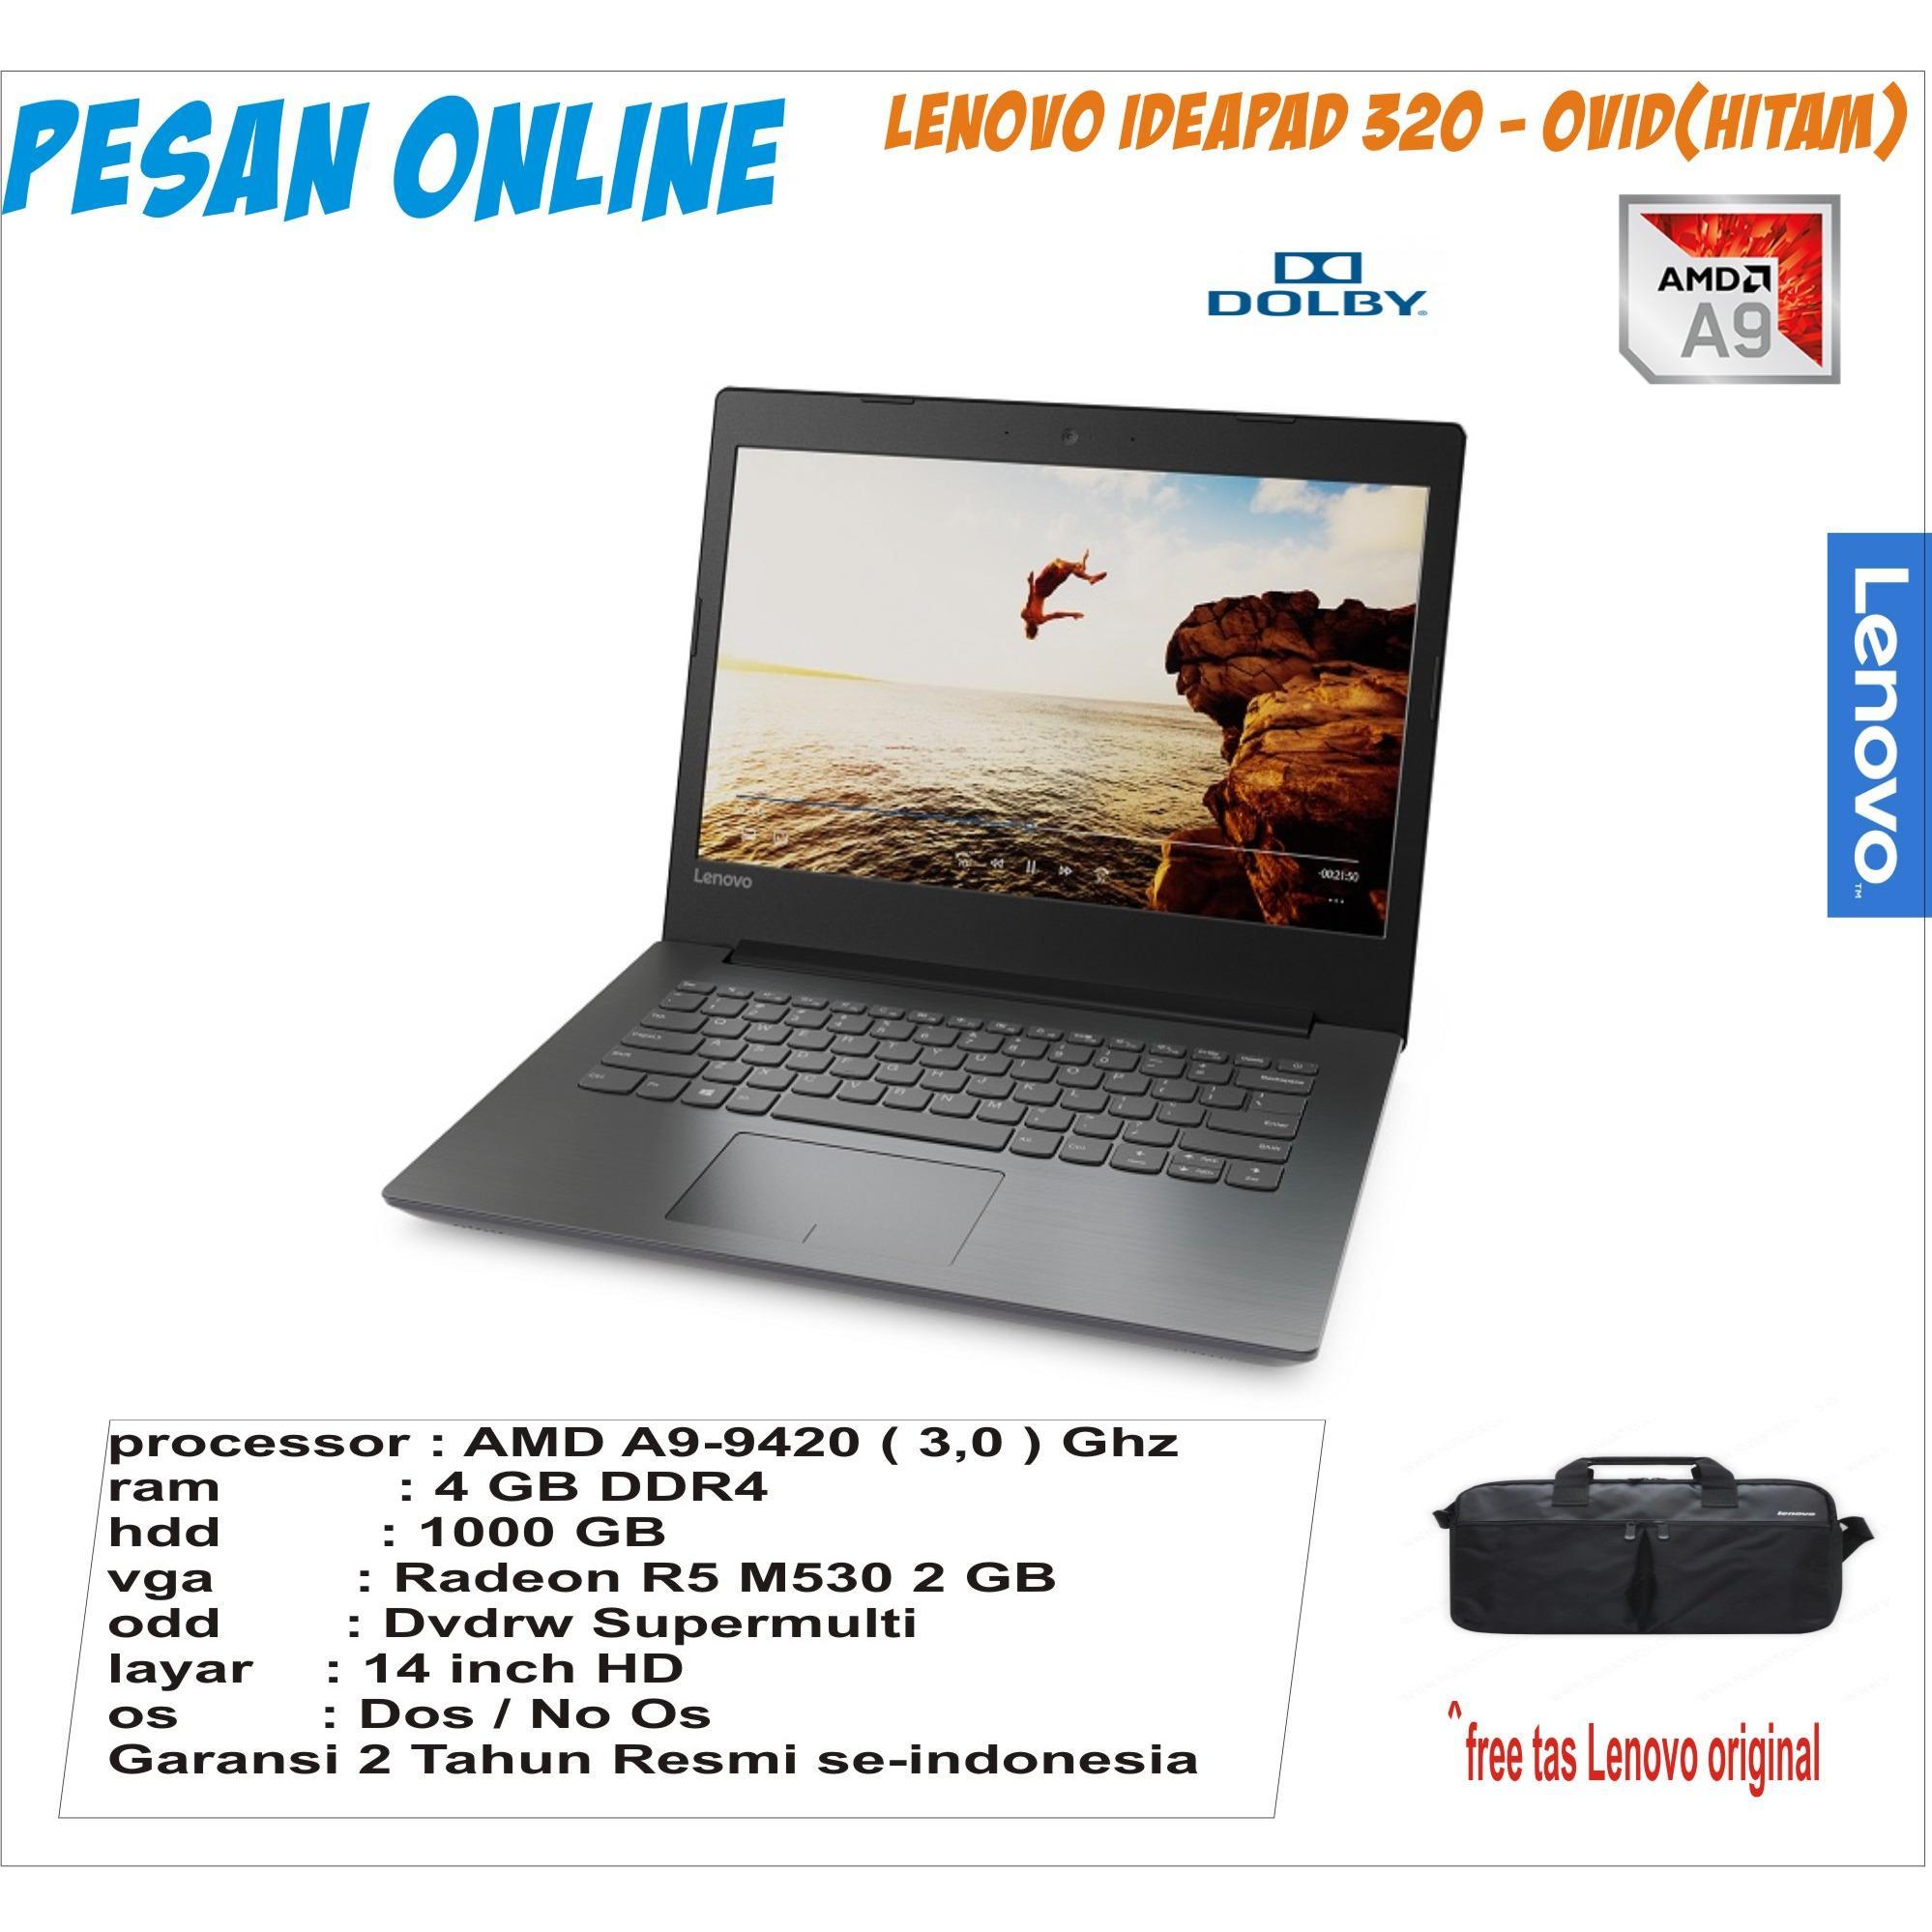 Lenovo Ideapad 100 14ibd 0lid Intel Core I3 5005 2gb 500gb 14 Dos 310s N3350 116 Hitam Ideapad320 0vid 14ast Amd A9 9420 30 Ghz 4